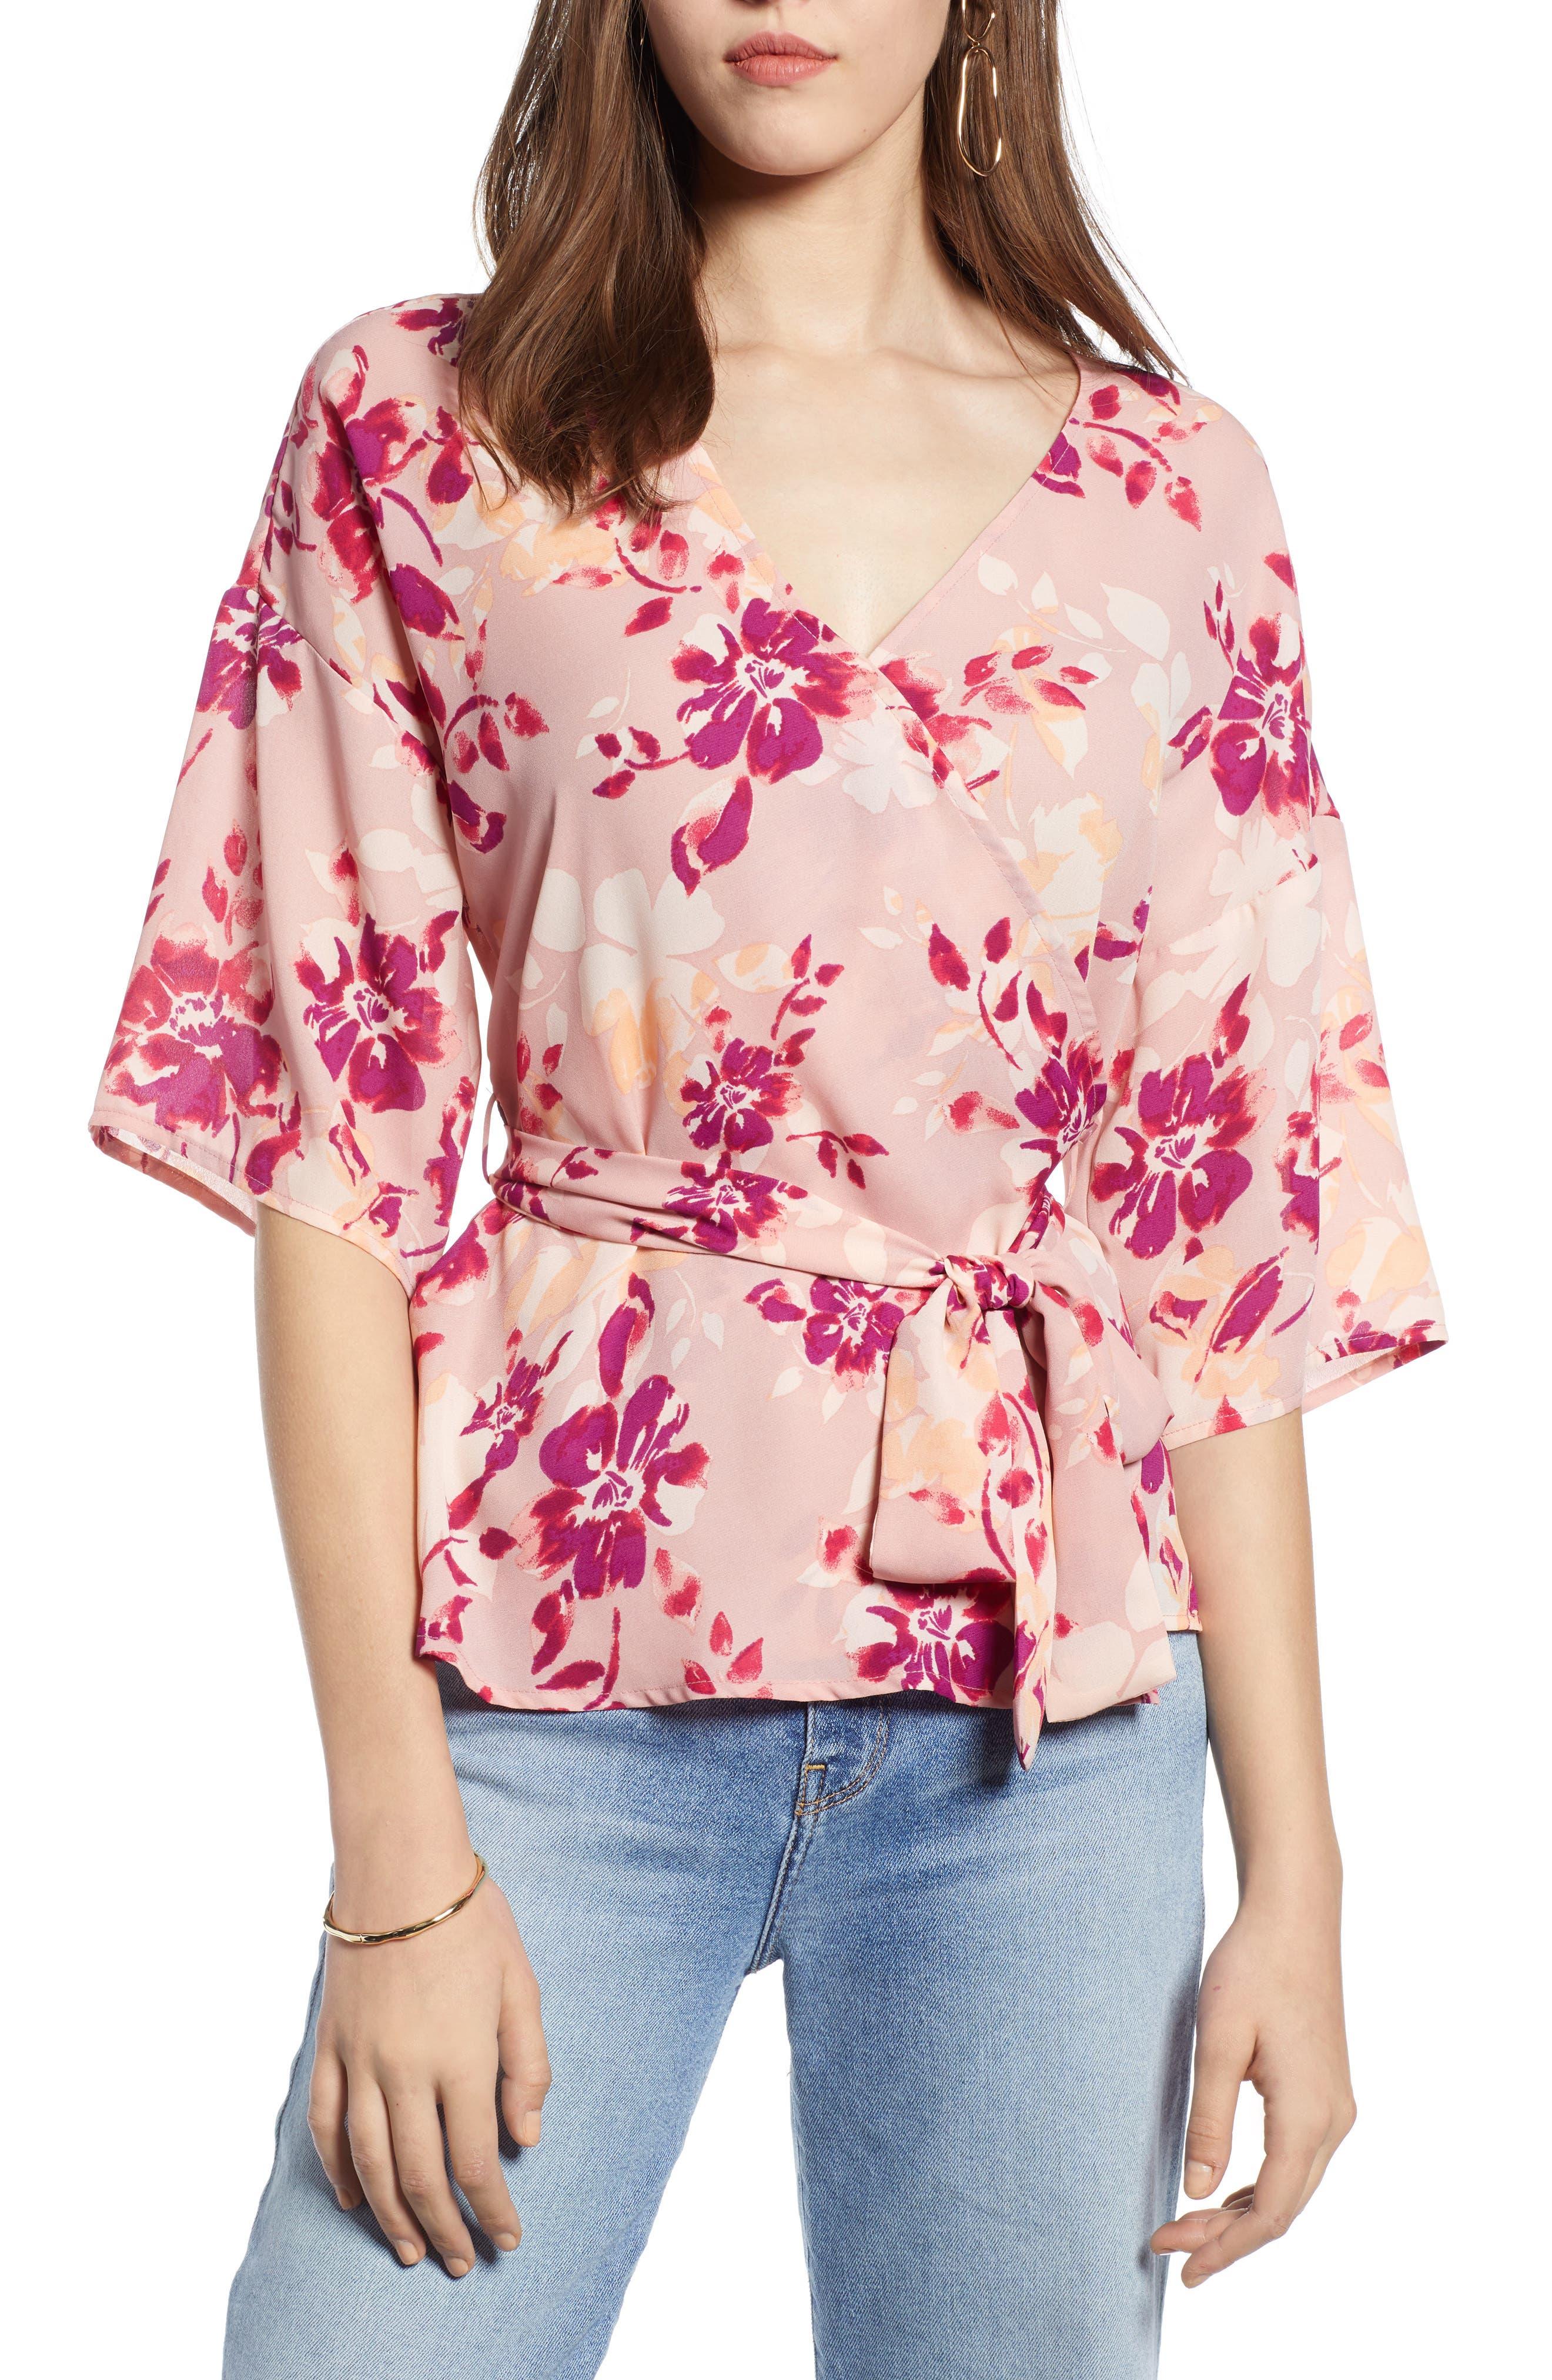 1930s Style Blouses, Shirts, Tops | Vintage Blouses Womens Halogen Faux Wrap Top $59.00 AT vintagedancer.com